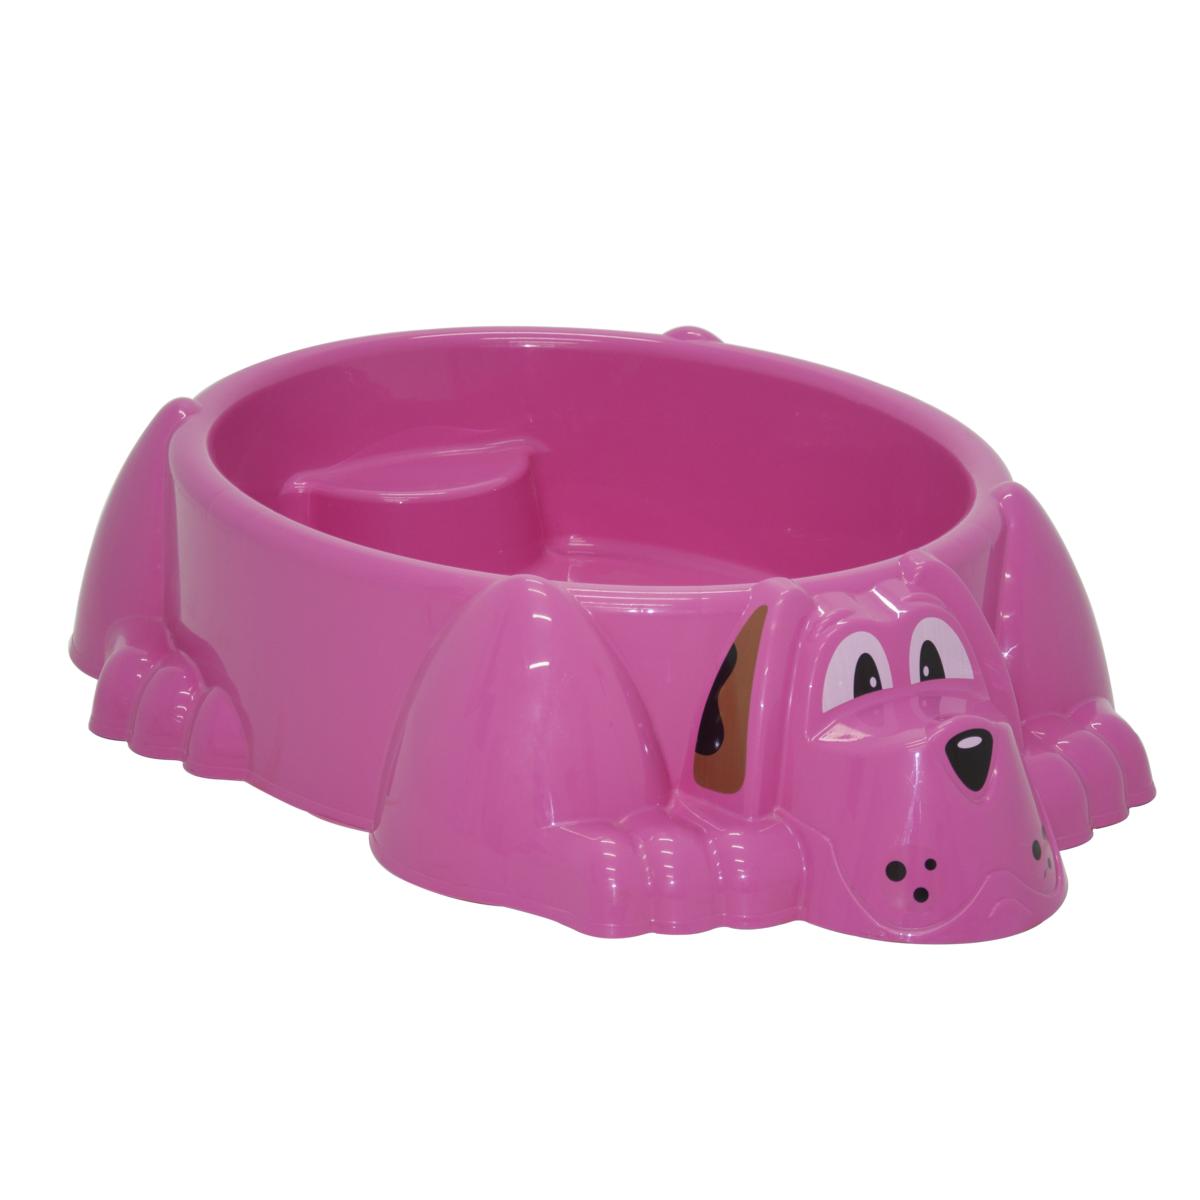 215fa32fb2 Tramontina - Piscina Aquadog rosa